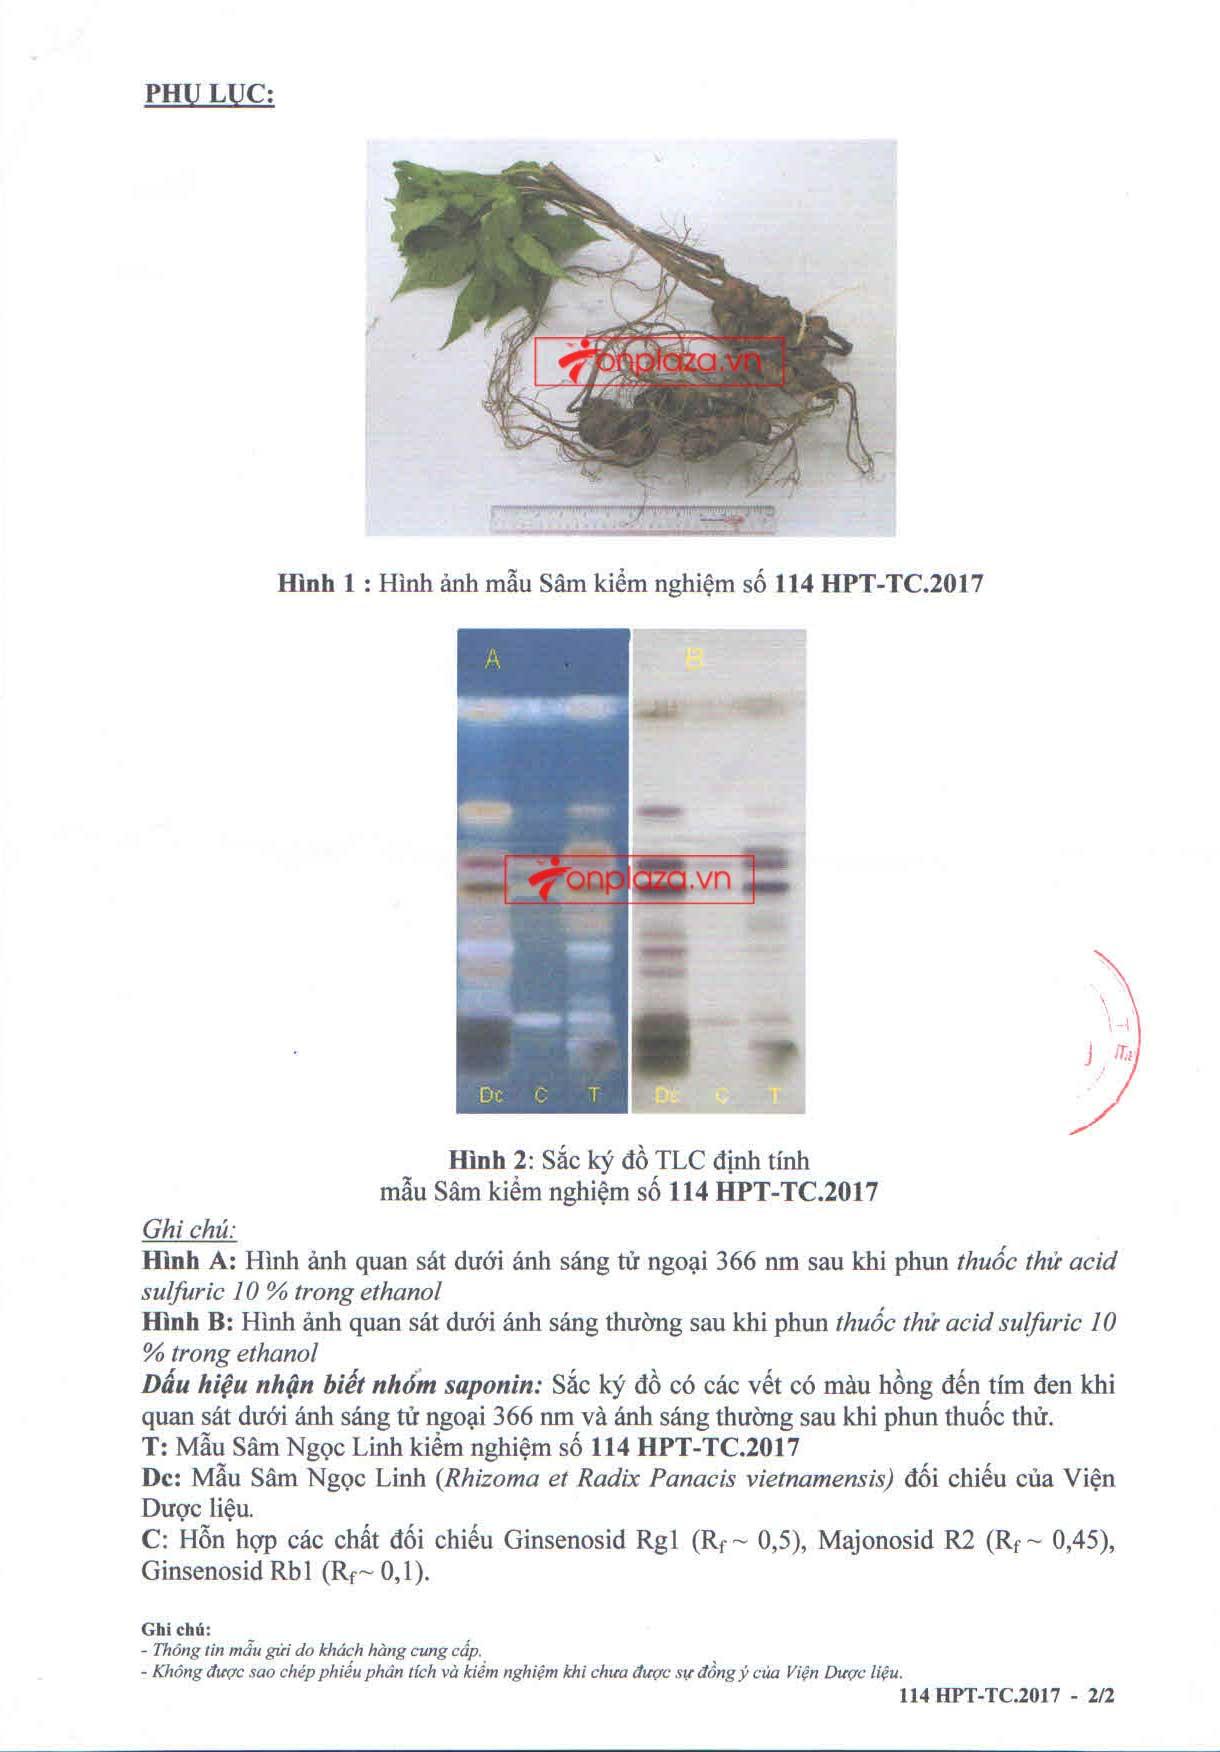 Kết quả phân tích và kiểm nghiệm sâm ngọc linh 2